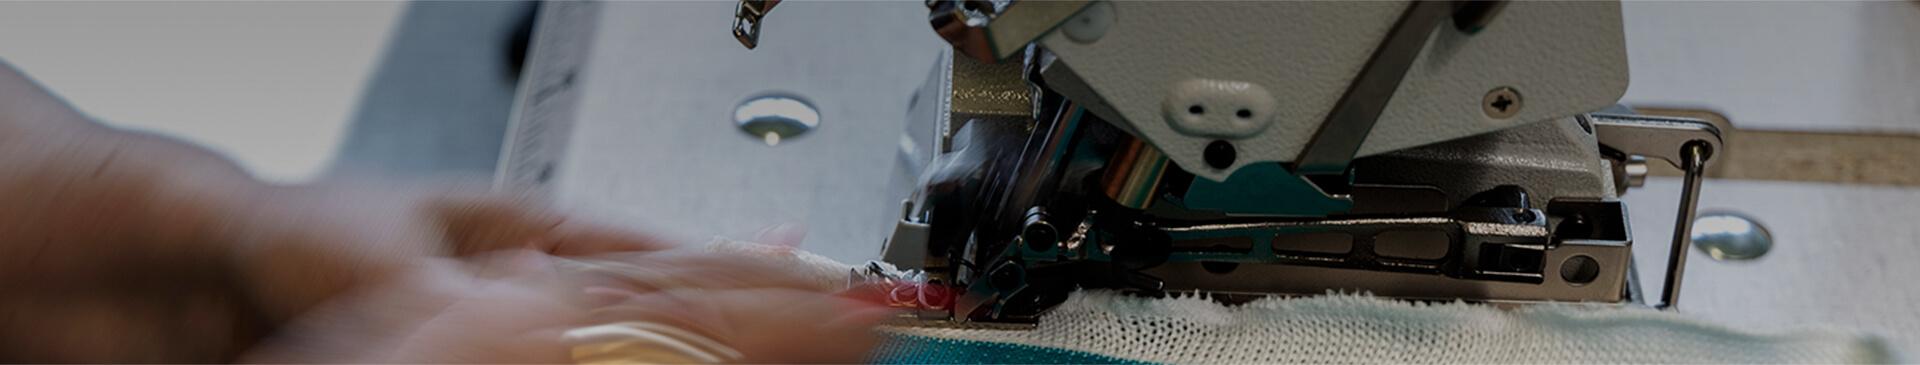 Abbigliamento 1 Ribknit Service Srl